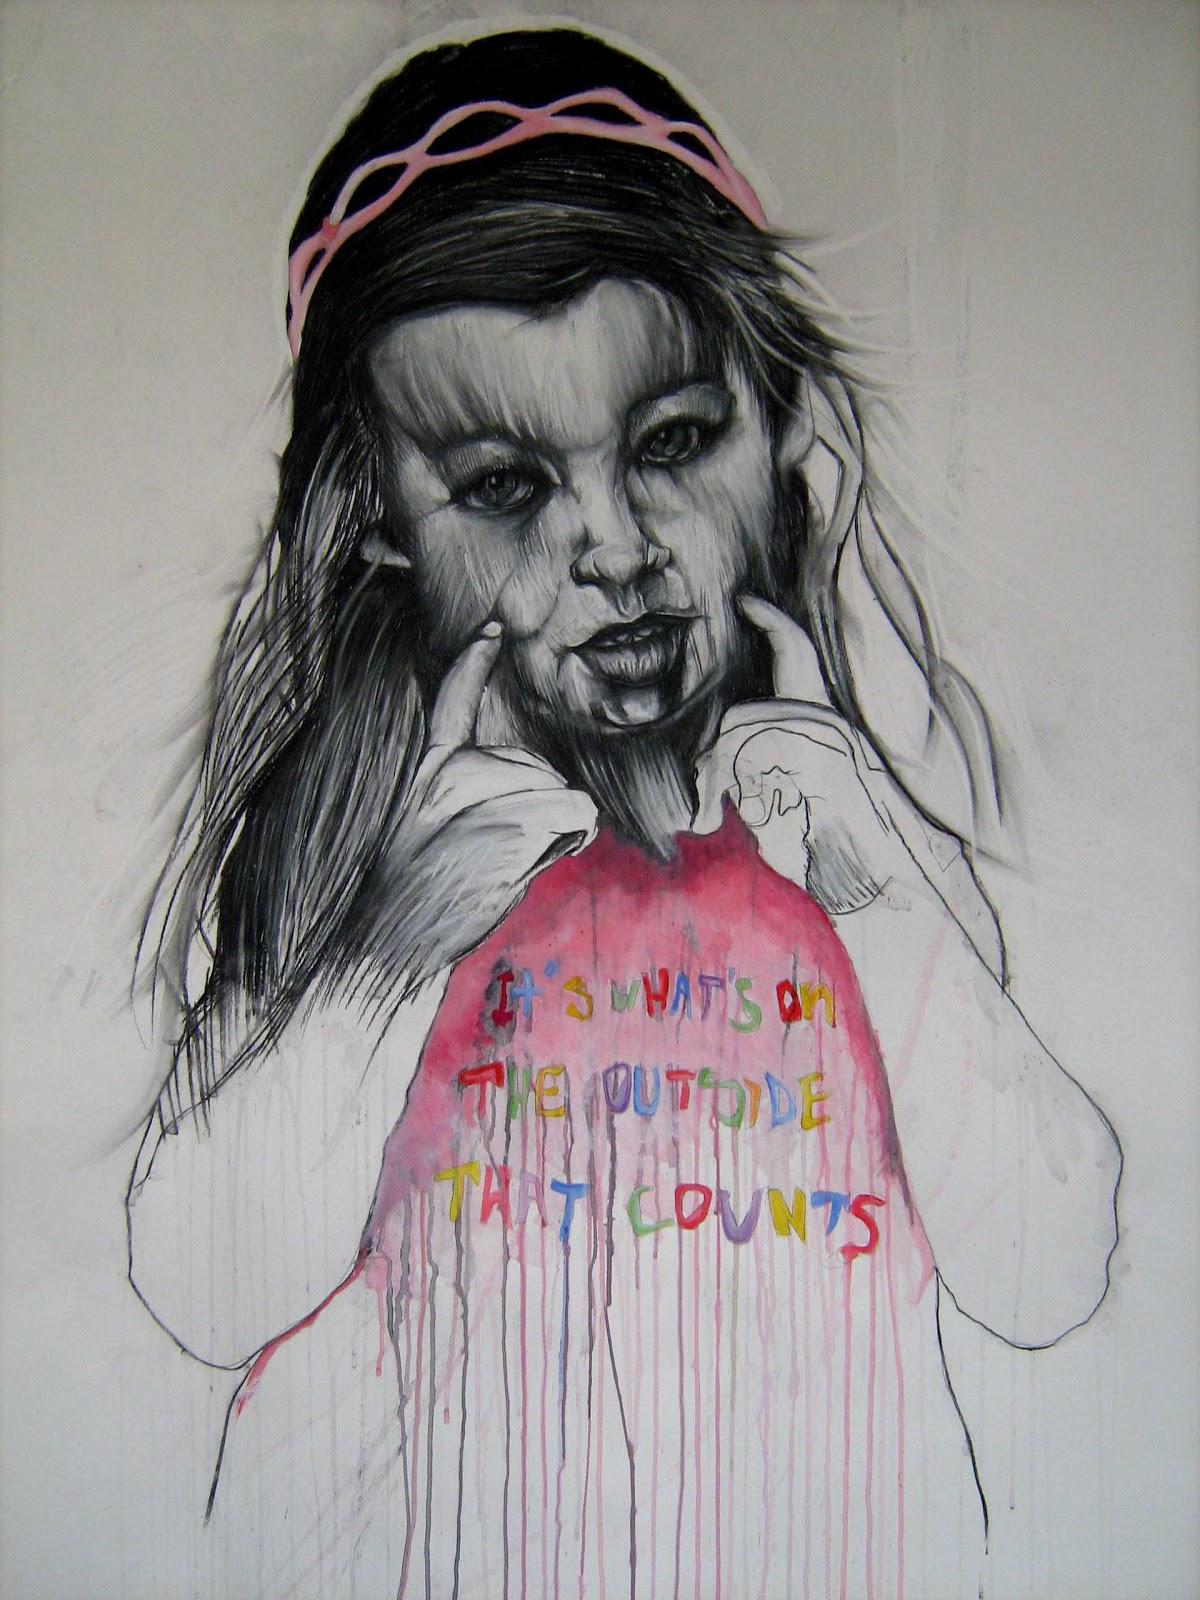 http://4.bp.blogspot.com/-UTA7elwKcc4/T9XfdwyRfRI/AAAAAAAAAGs/hXec2QyKxjA/s1600/IMG_0148.jpg